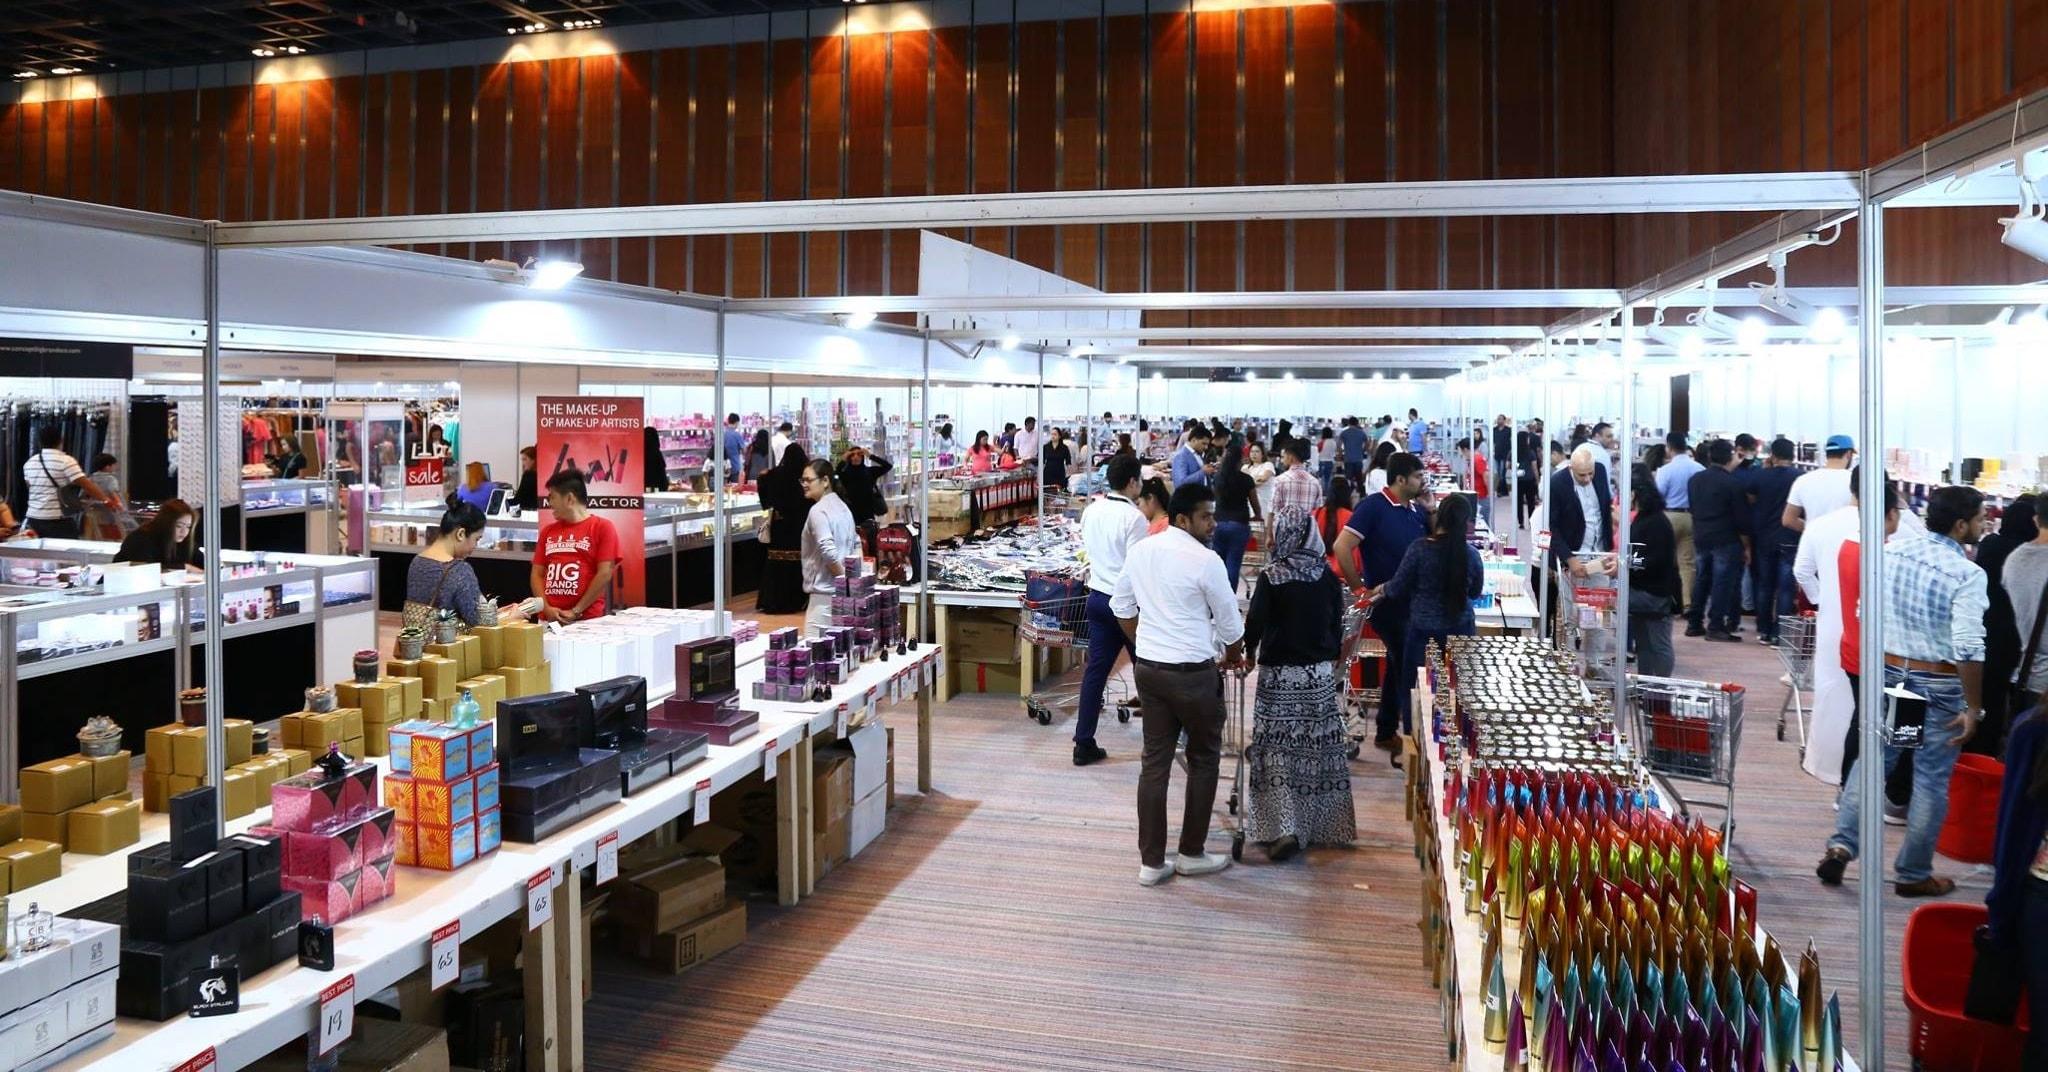 Concept-Big-Brands-Carnival-dubai-super-sale-dubai-mega-sale-eid-sale-1-min-1-Cropped